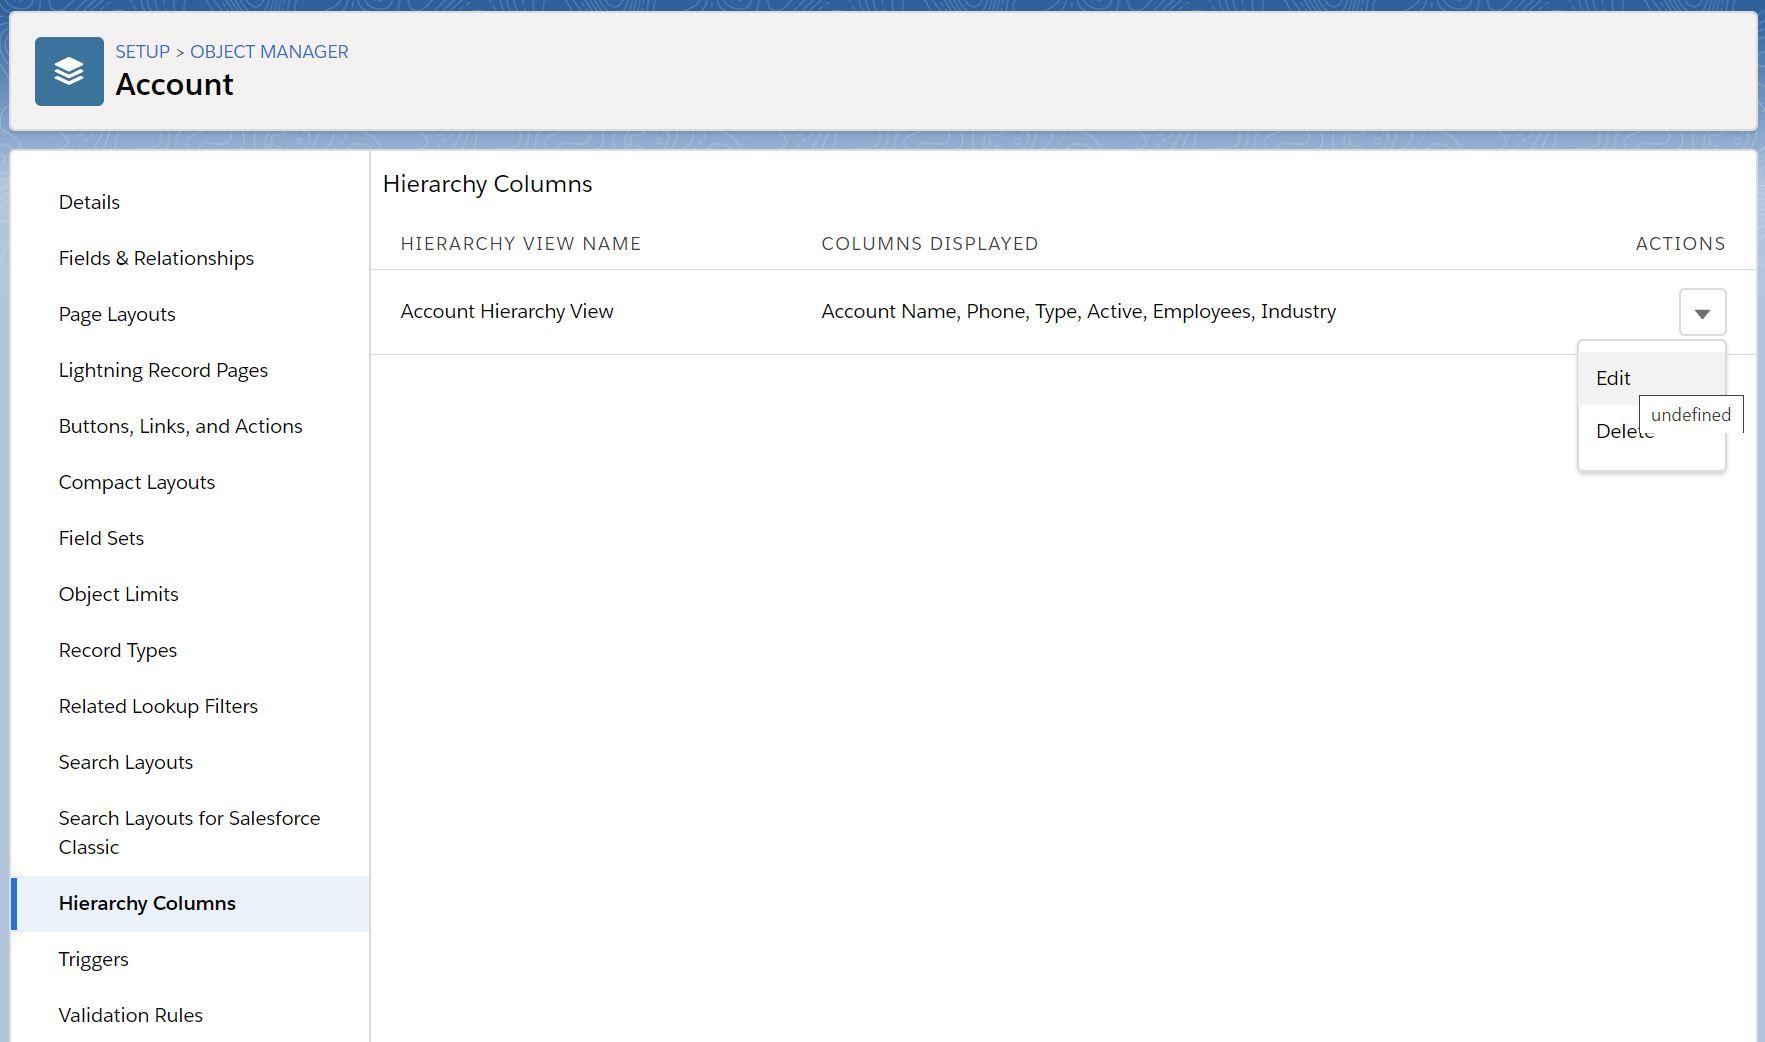 account-hierarchy-columns